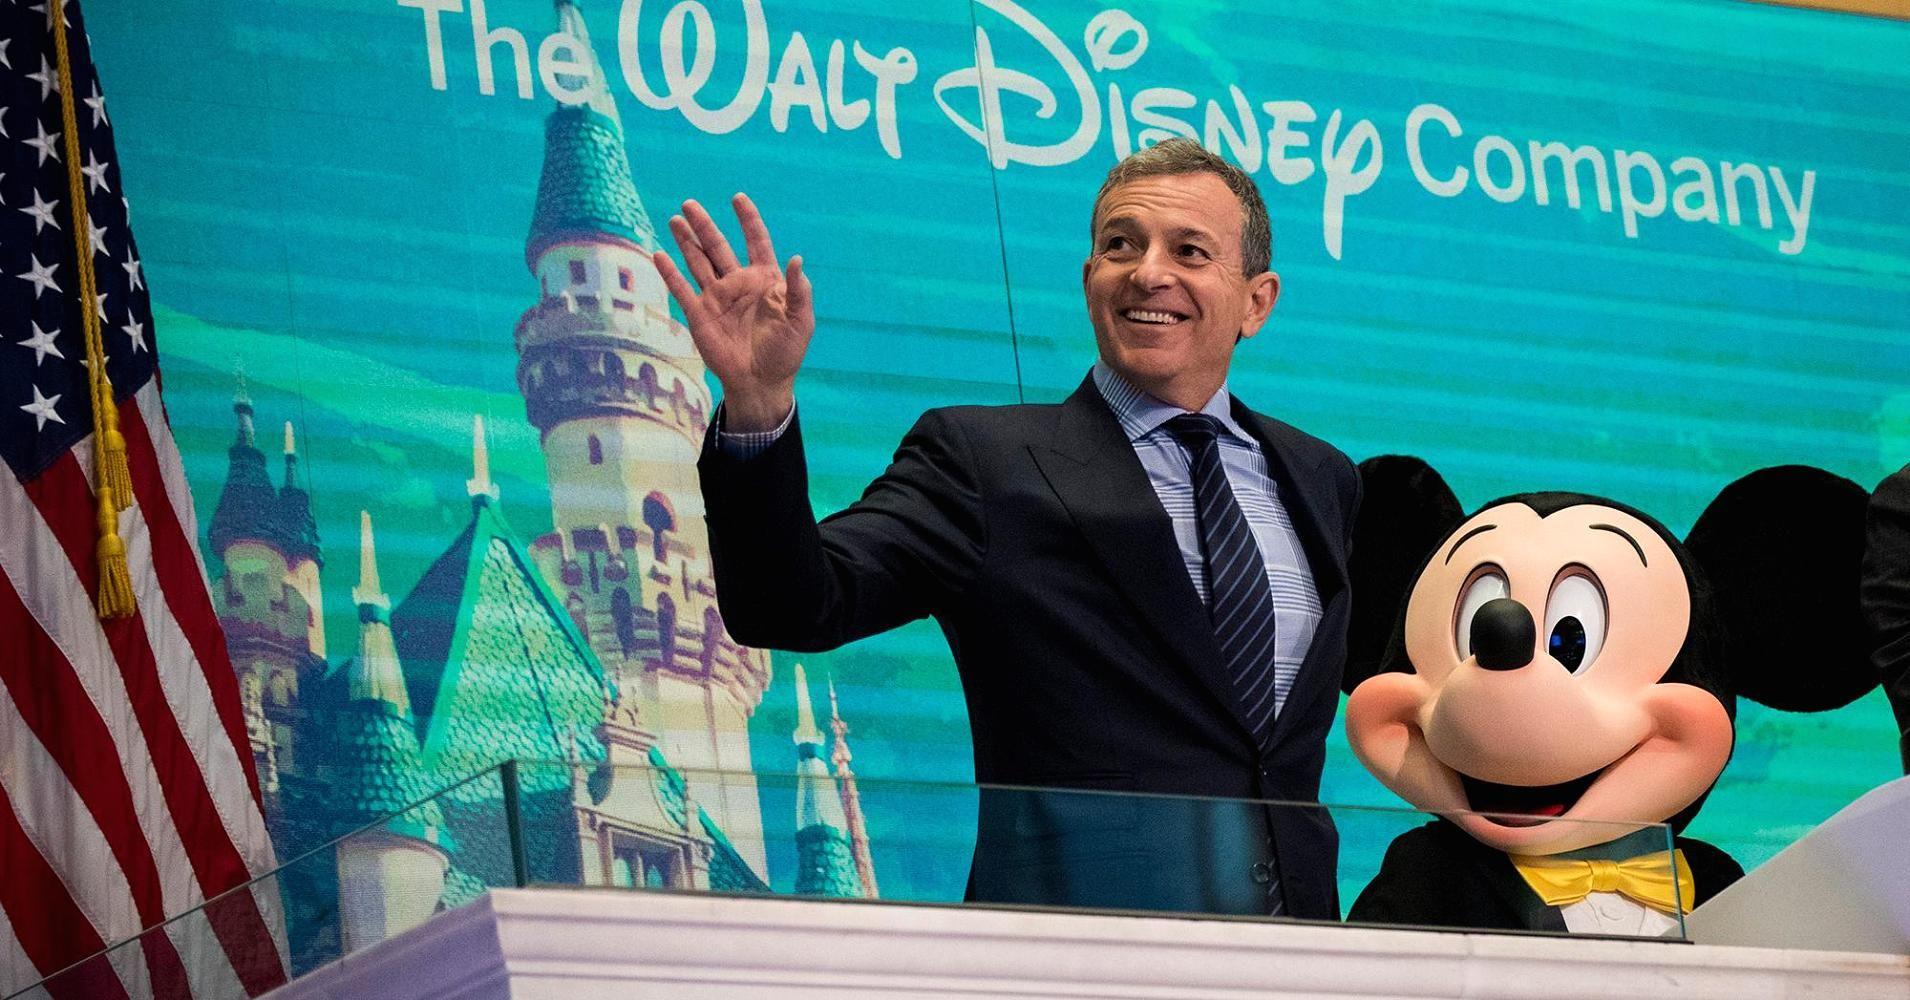 Disney deal seen valuing fox assets at 60 billion